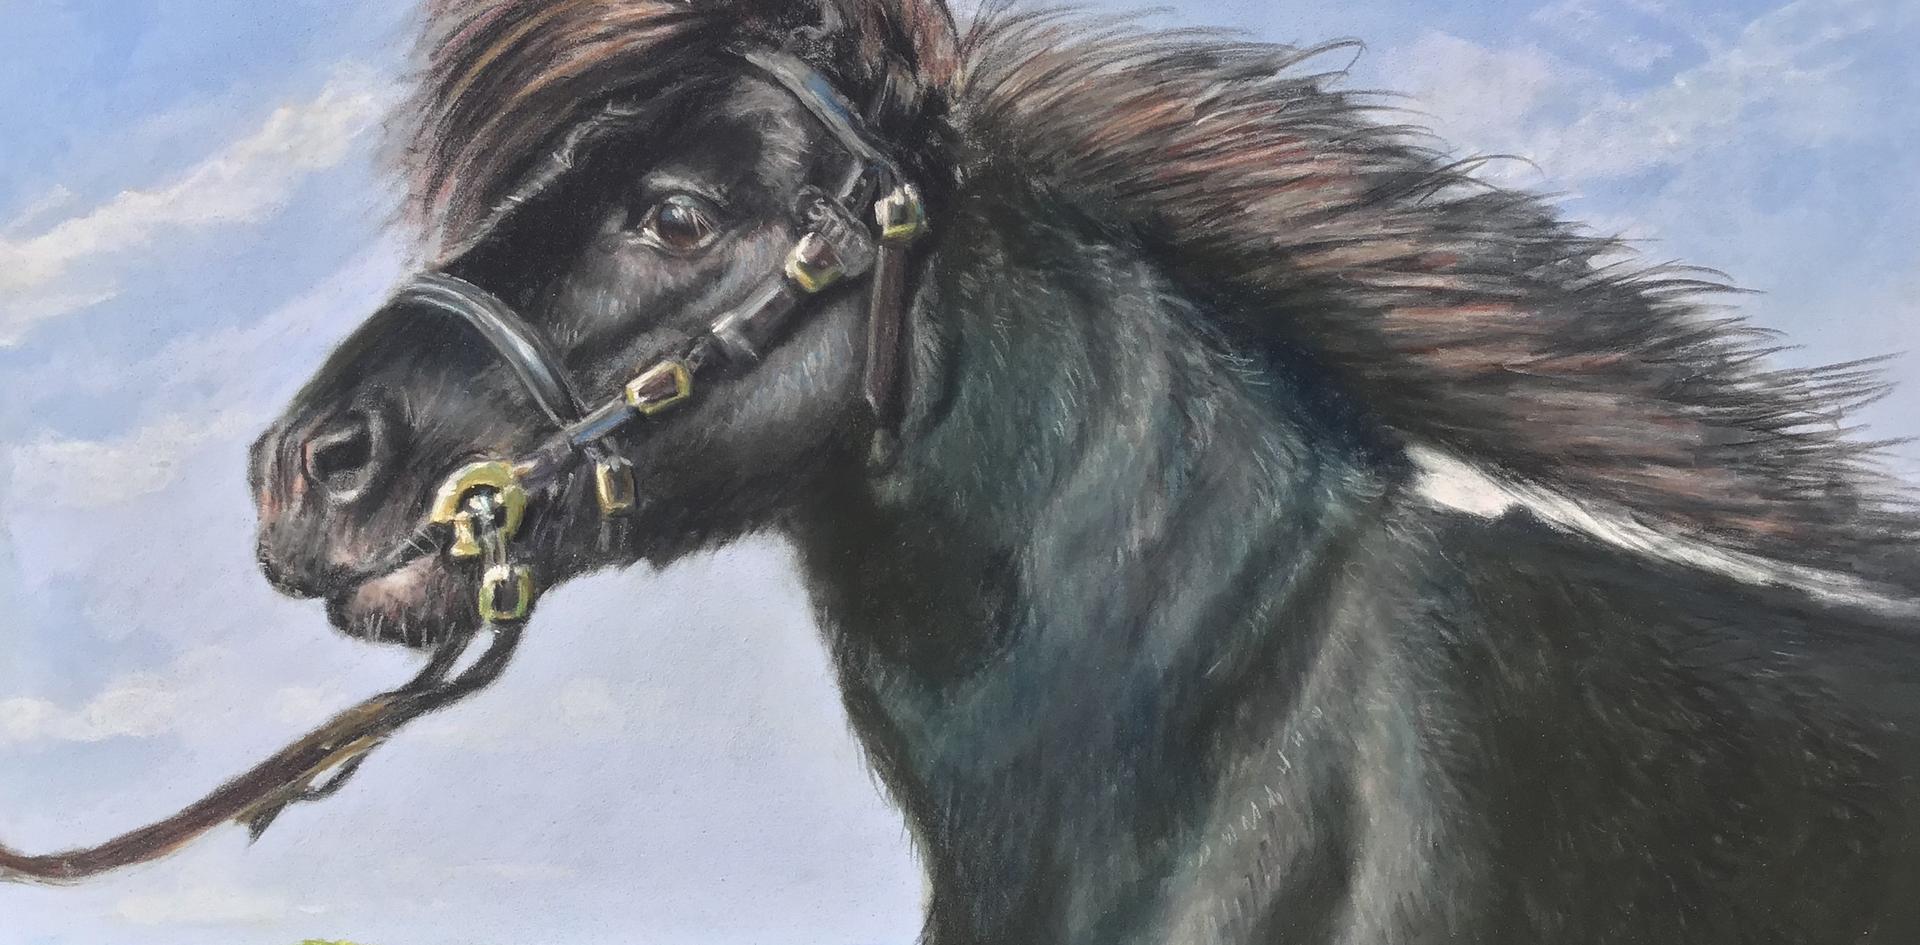 Rosemary's pony